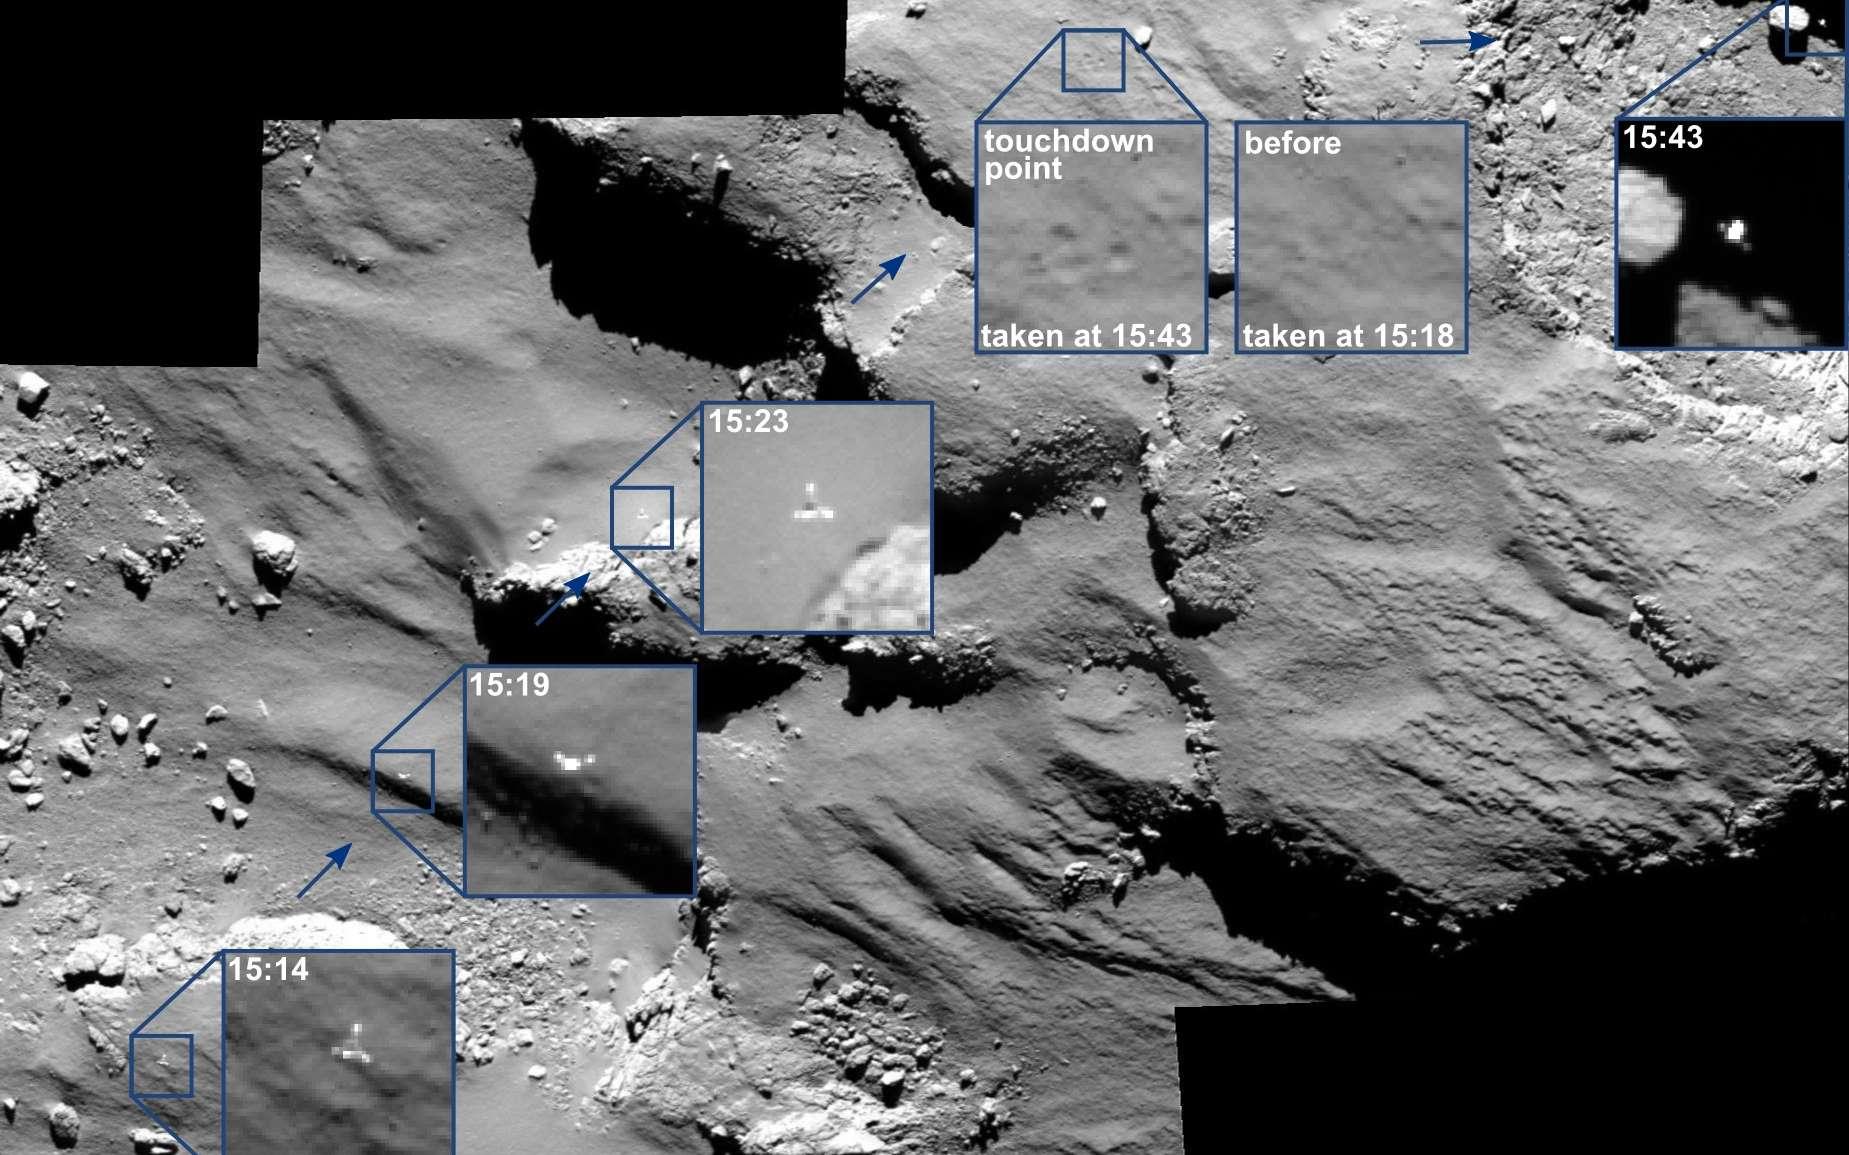 Philae avant et après le premier contact (touchdown) à 15 h35 TU. Rosetta était alors à 17 km du centre de la comète Tchouri. © Esa, Rosetta, MPS for Osiris Team MPS, UPD, LAM, IAA, SSO, INTA, UPM, DASP, IDA